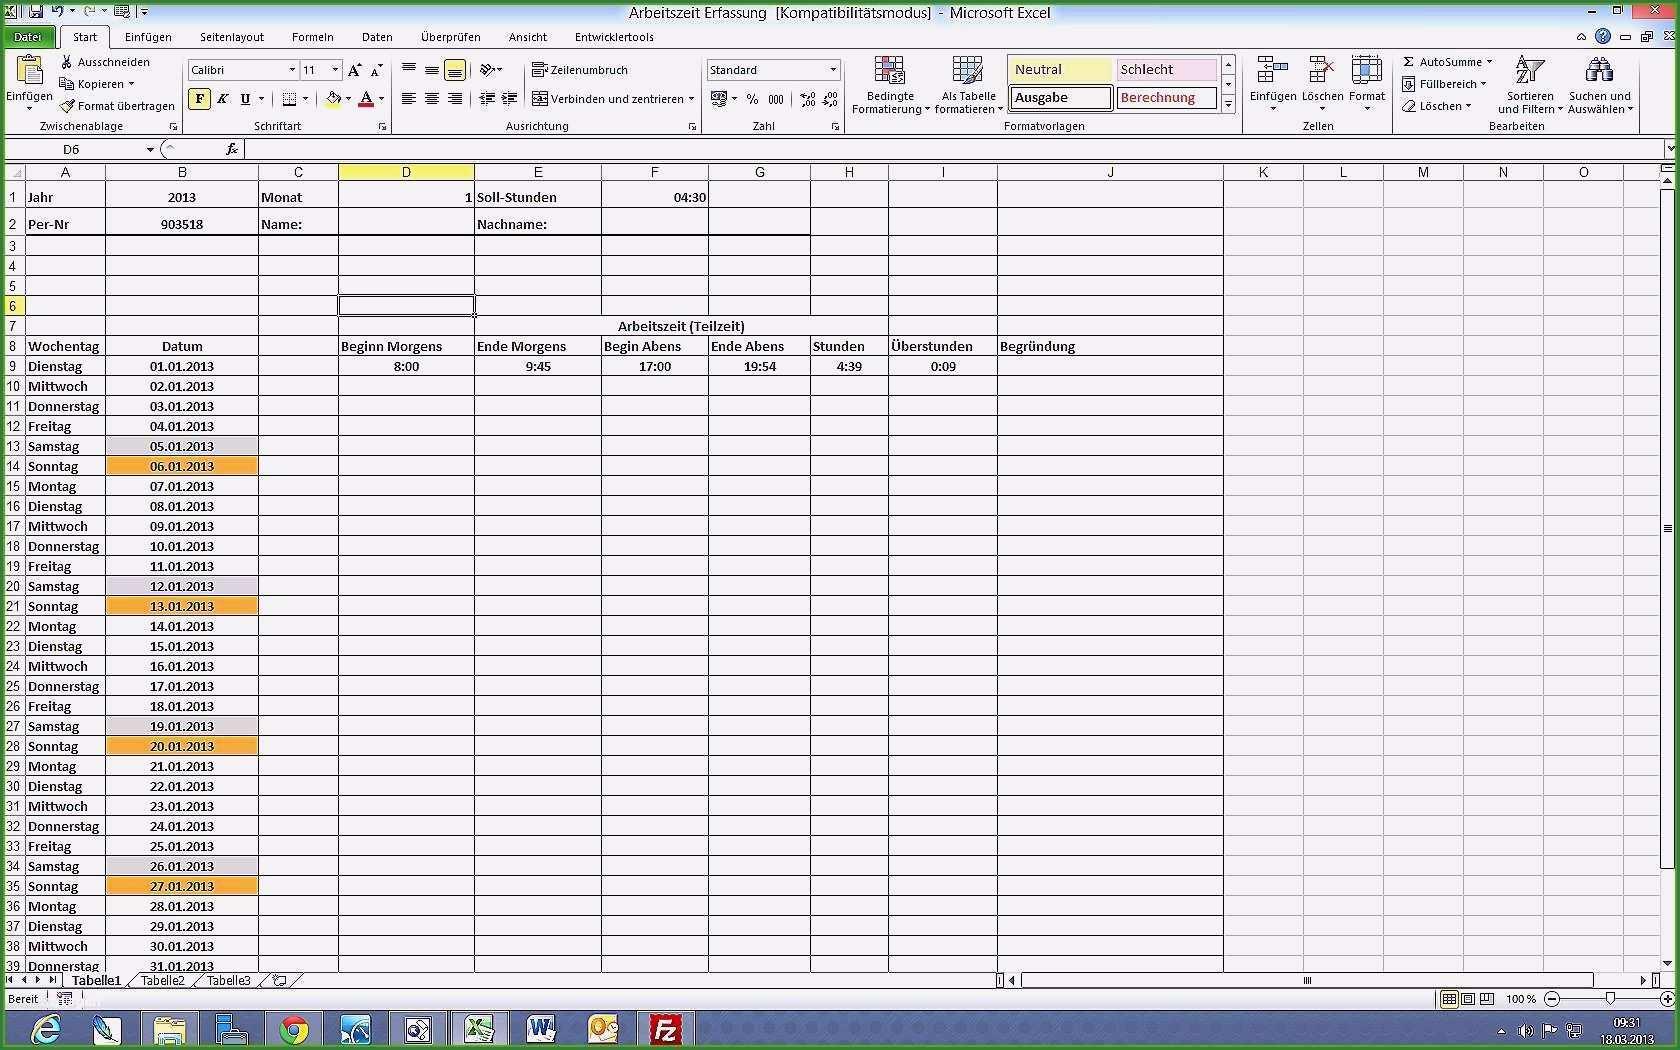 19 Schon Messprotokoll Vorlage Excel Vorlage Vorlagen Lebenslauf Vorlagen Word